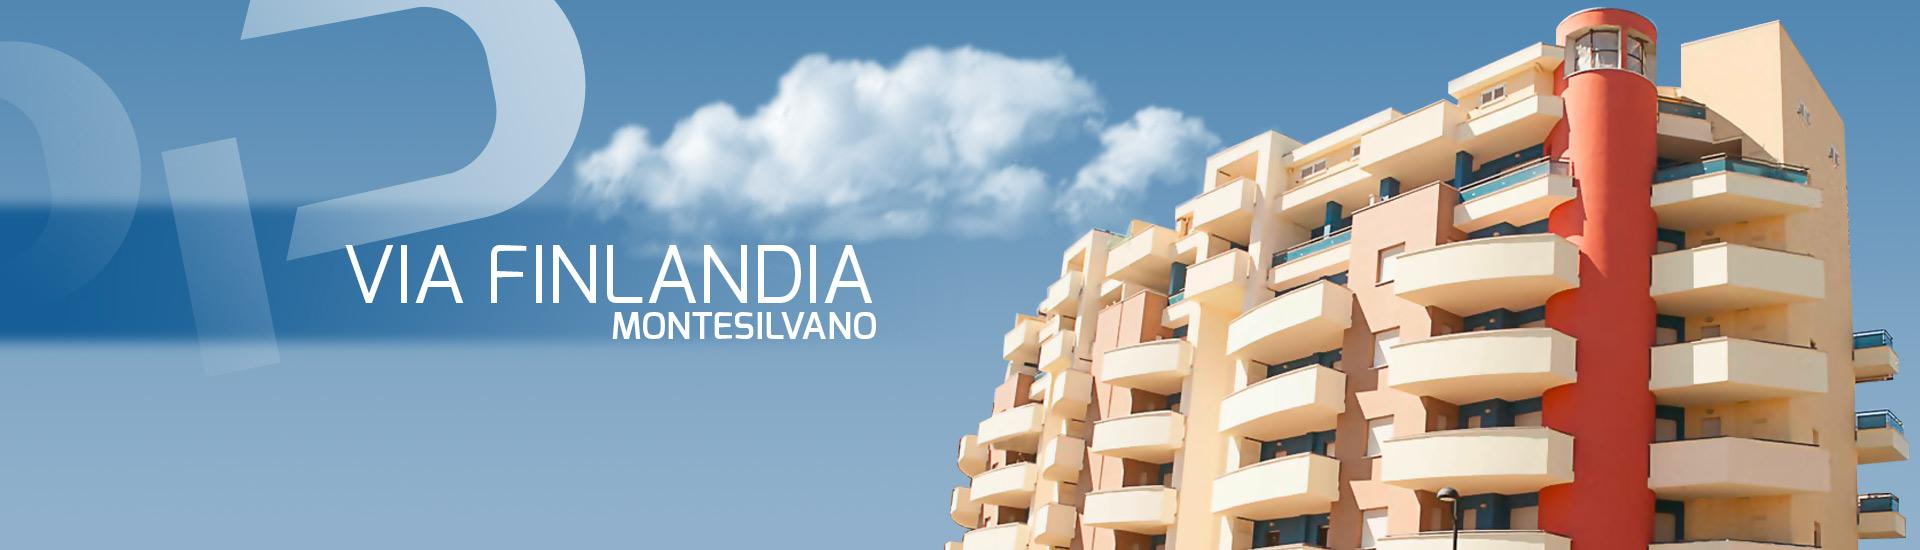 SLIDE-VIA-FINLANDIA